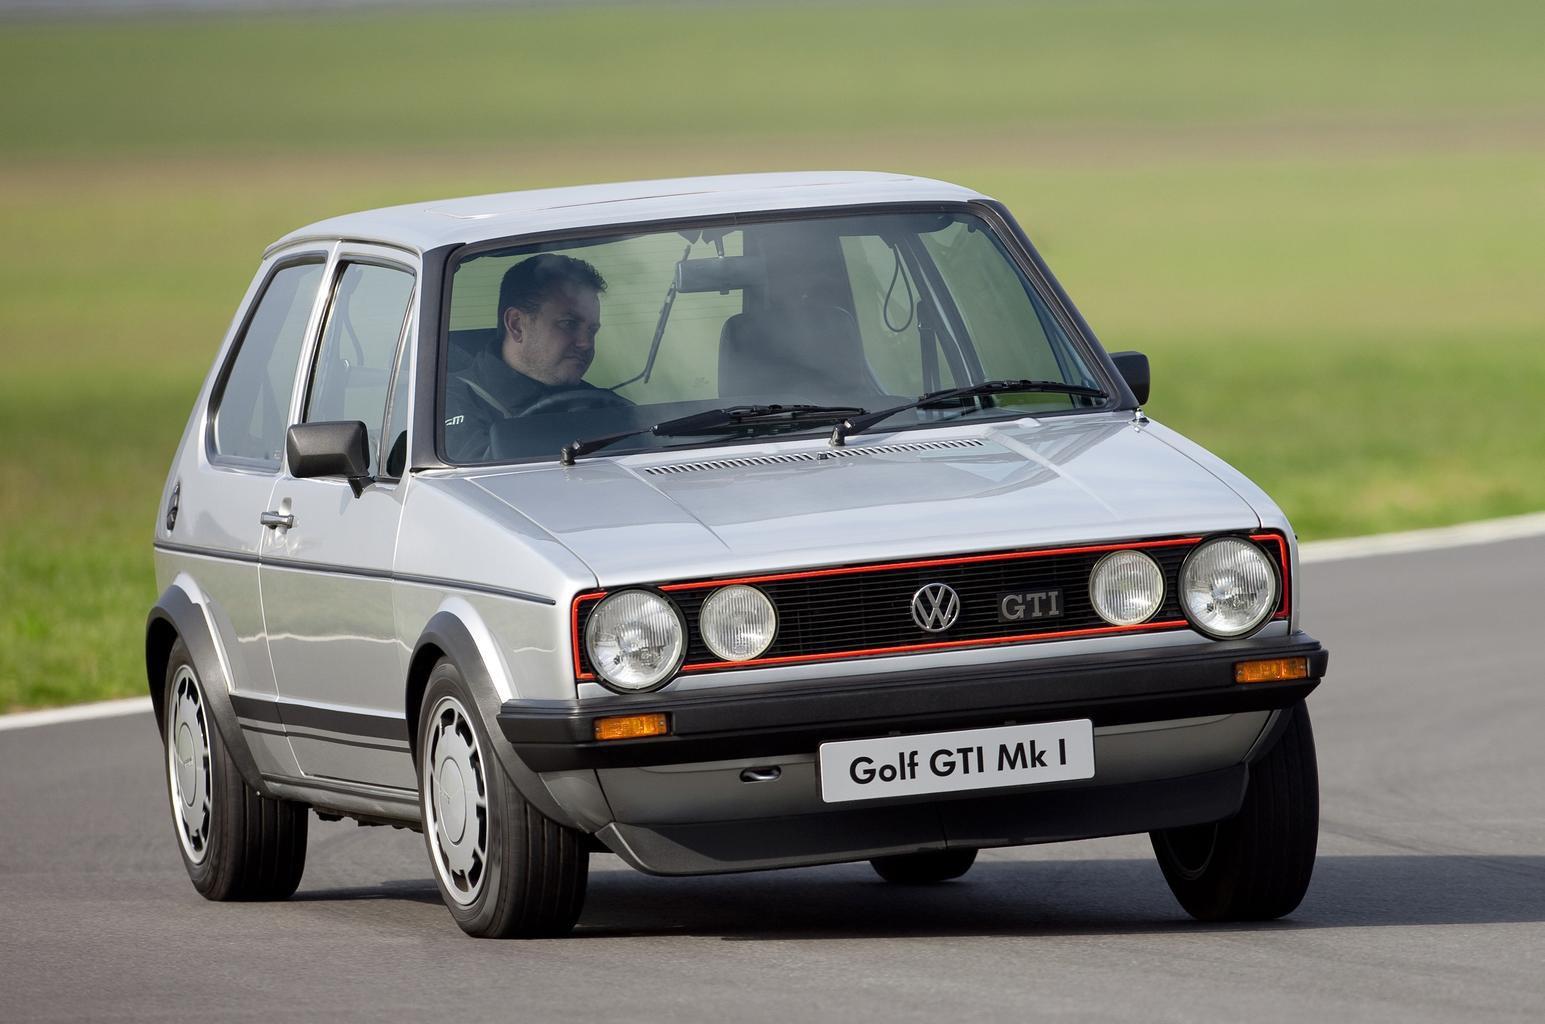 Volkswagen Up GTI vs Mk1 Golf GTI